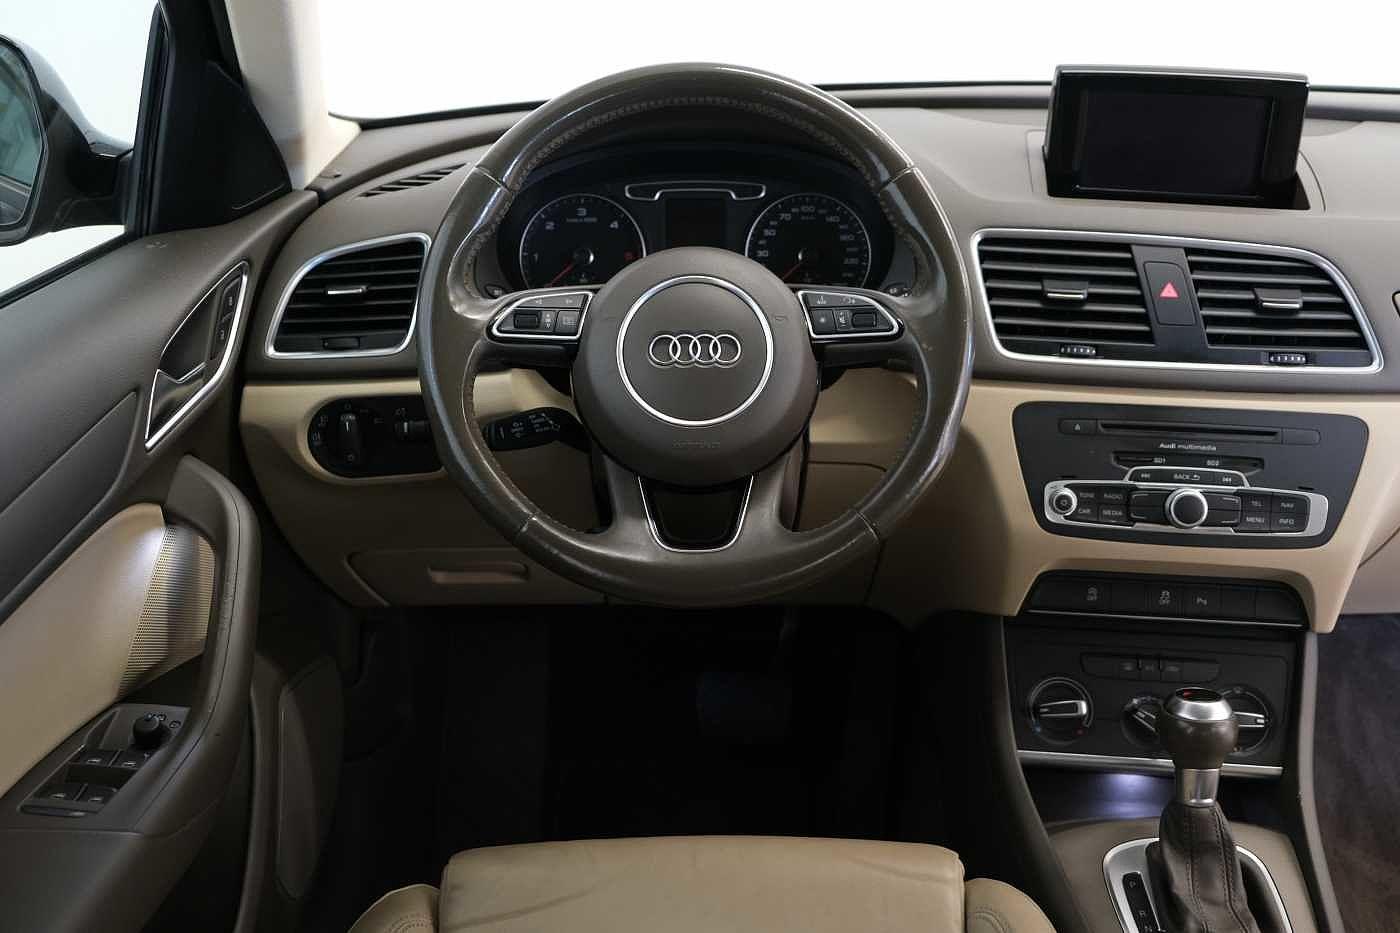 Audi Q3 2.0 TDI quattro S tronic